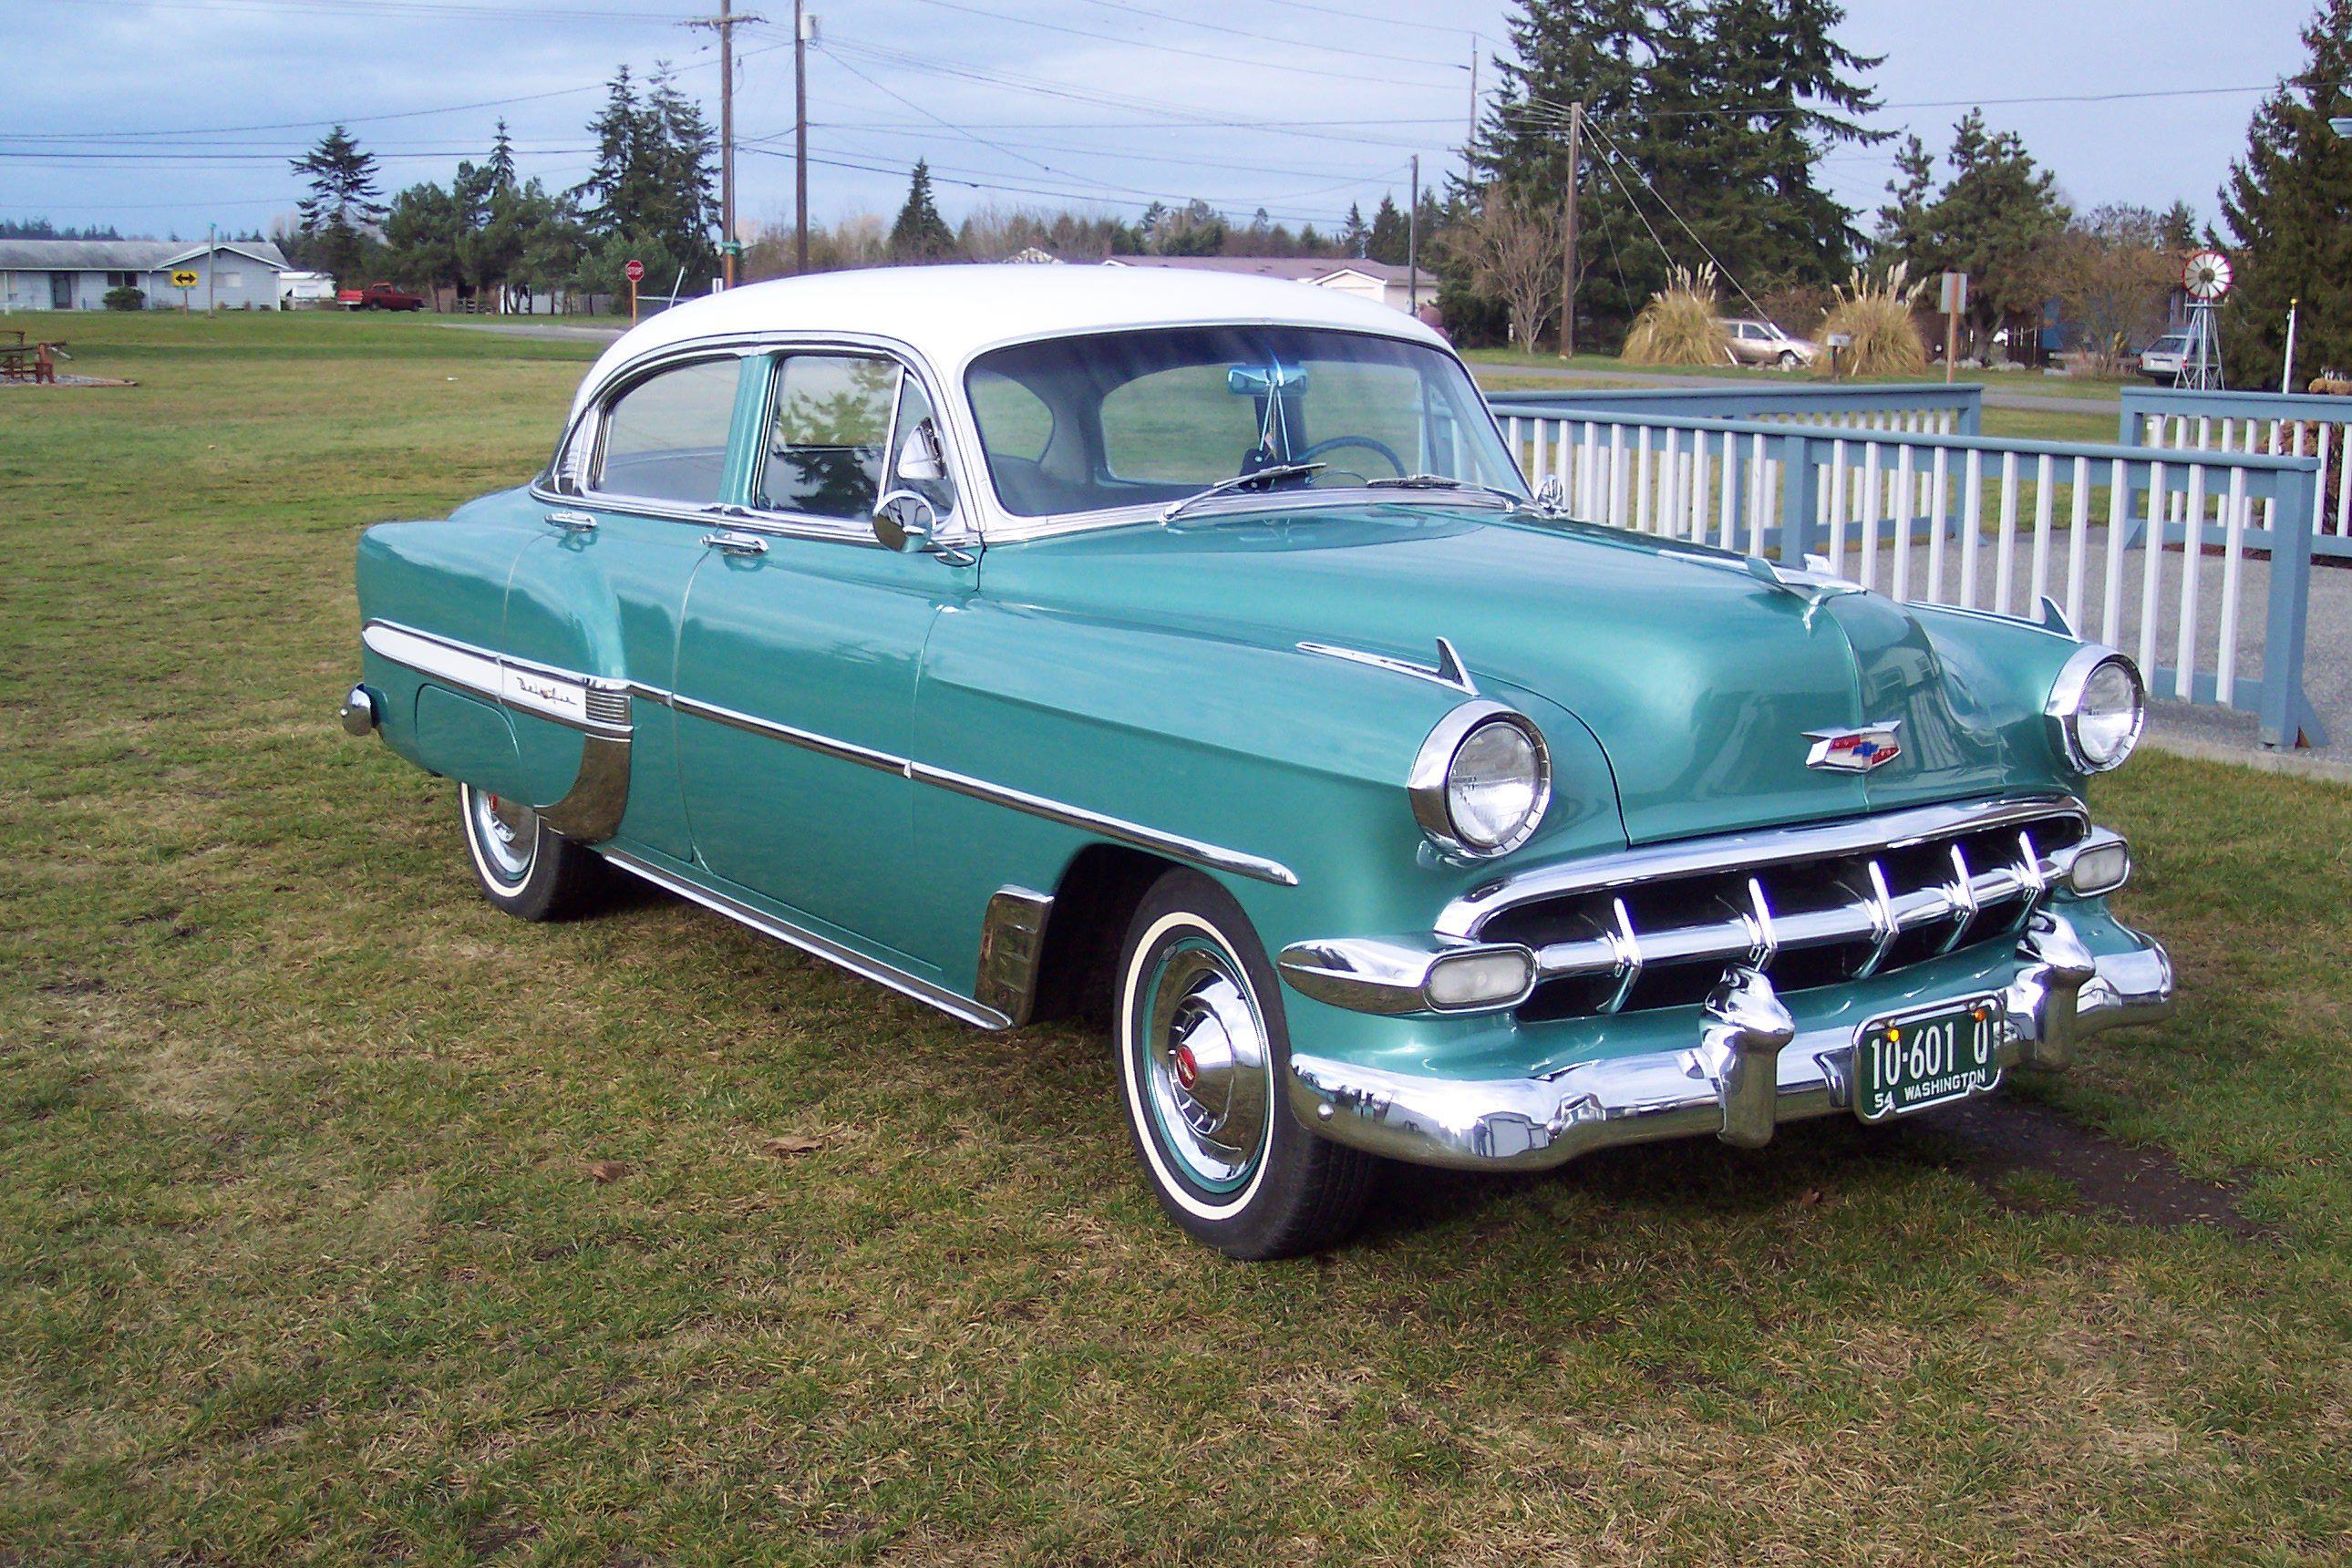 1954 Bel Air Yes Please Chevy Bel Air Chevrolet Bel Air Chevy